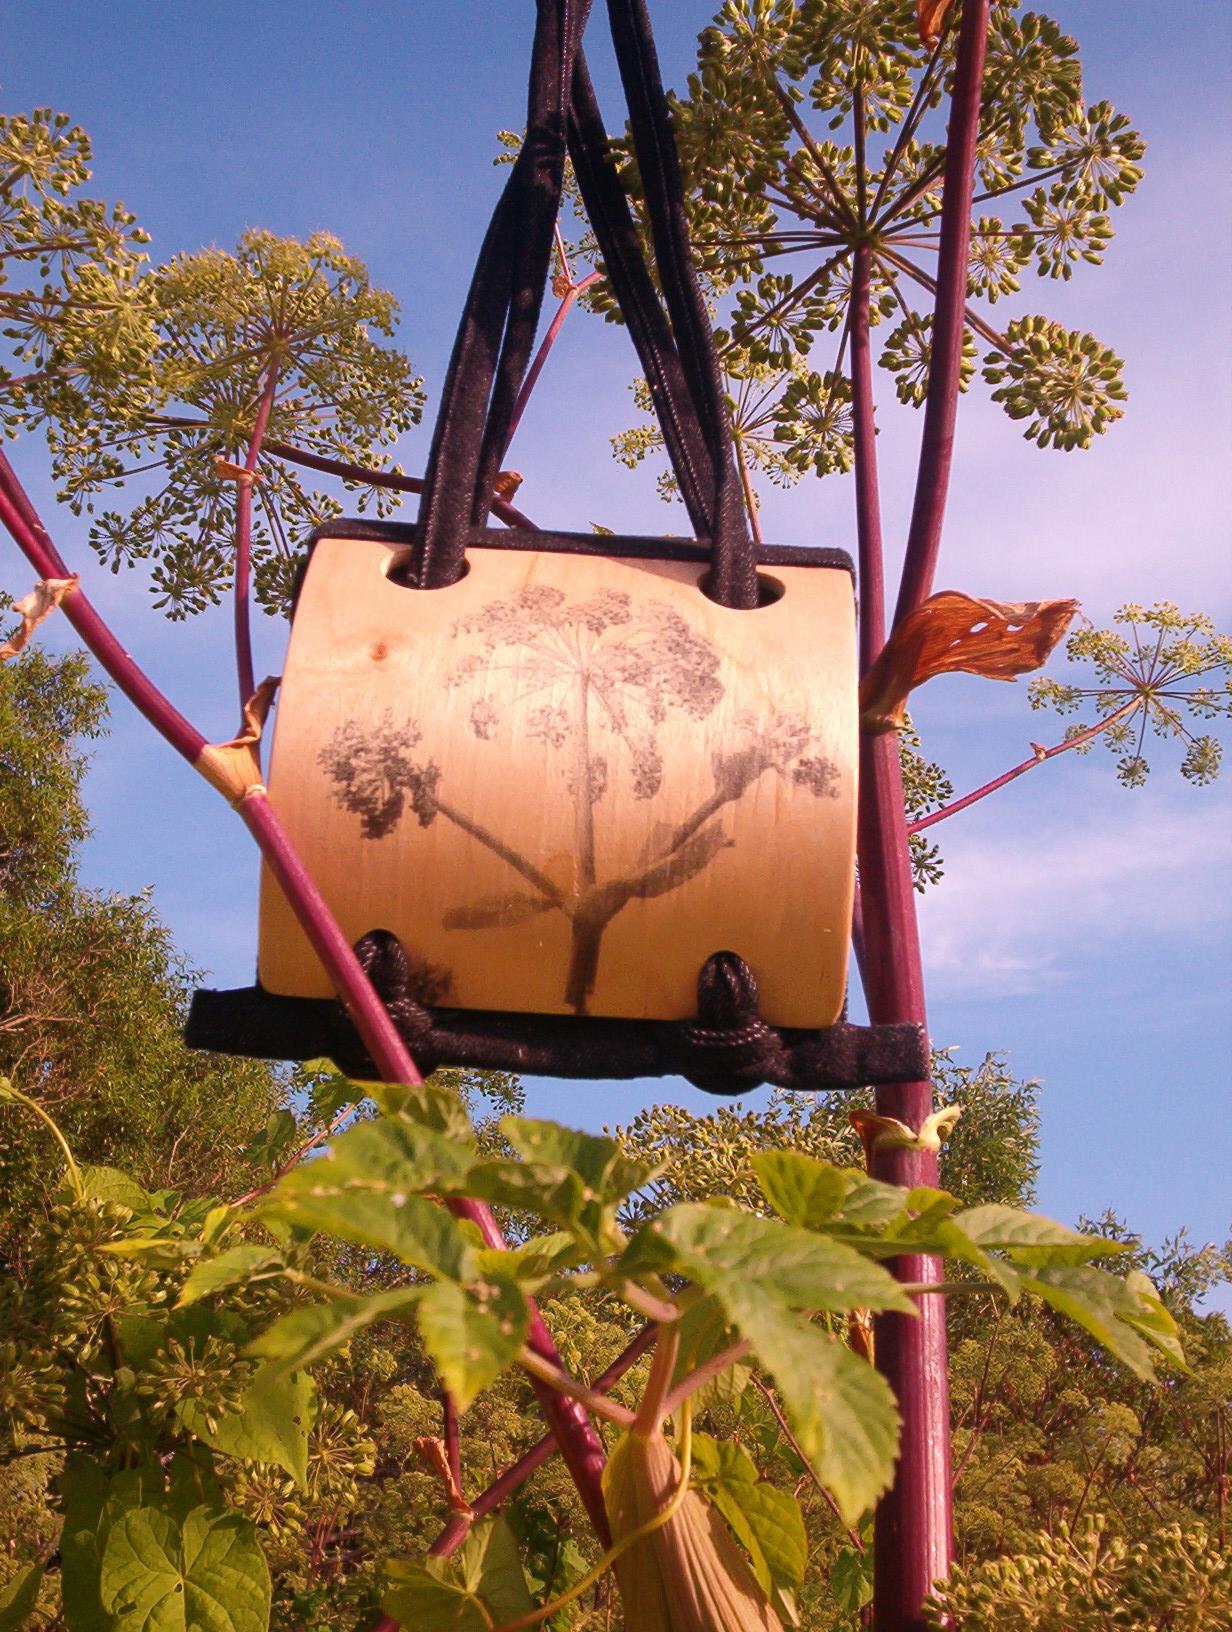 puu pildiga puidust kott, mis on puude keskel